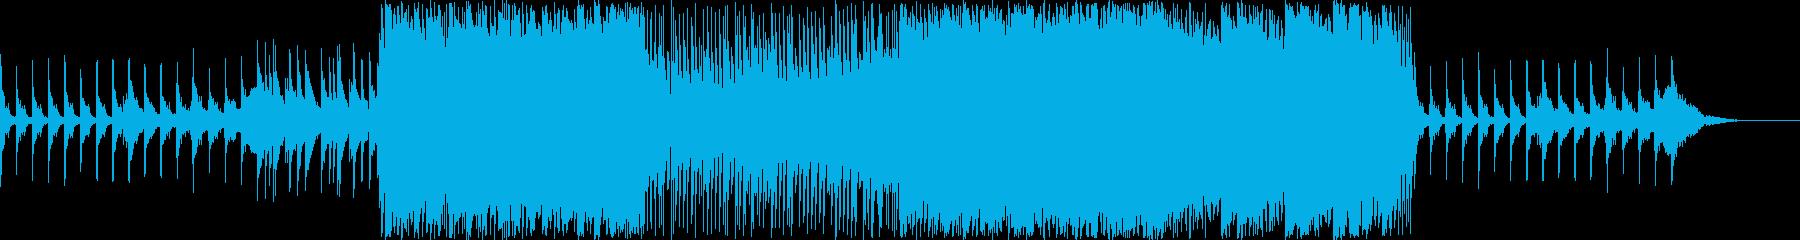 【フル尺】雪の眩しさを表すキラキラな楽曲の再生済みの波形